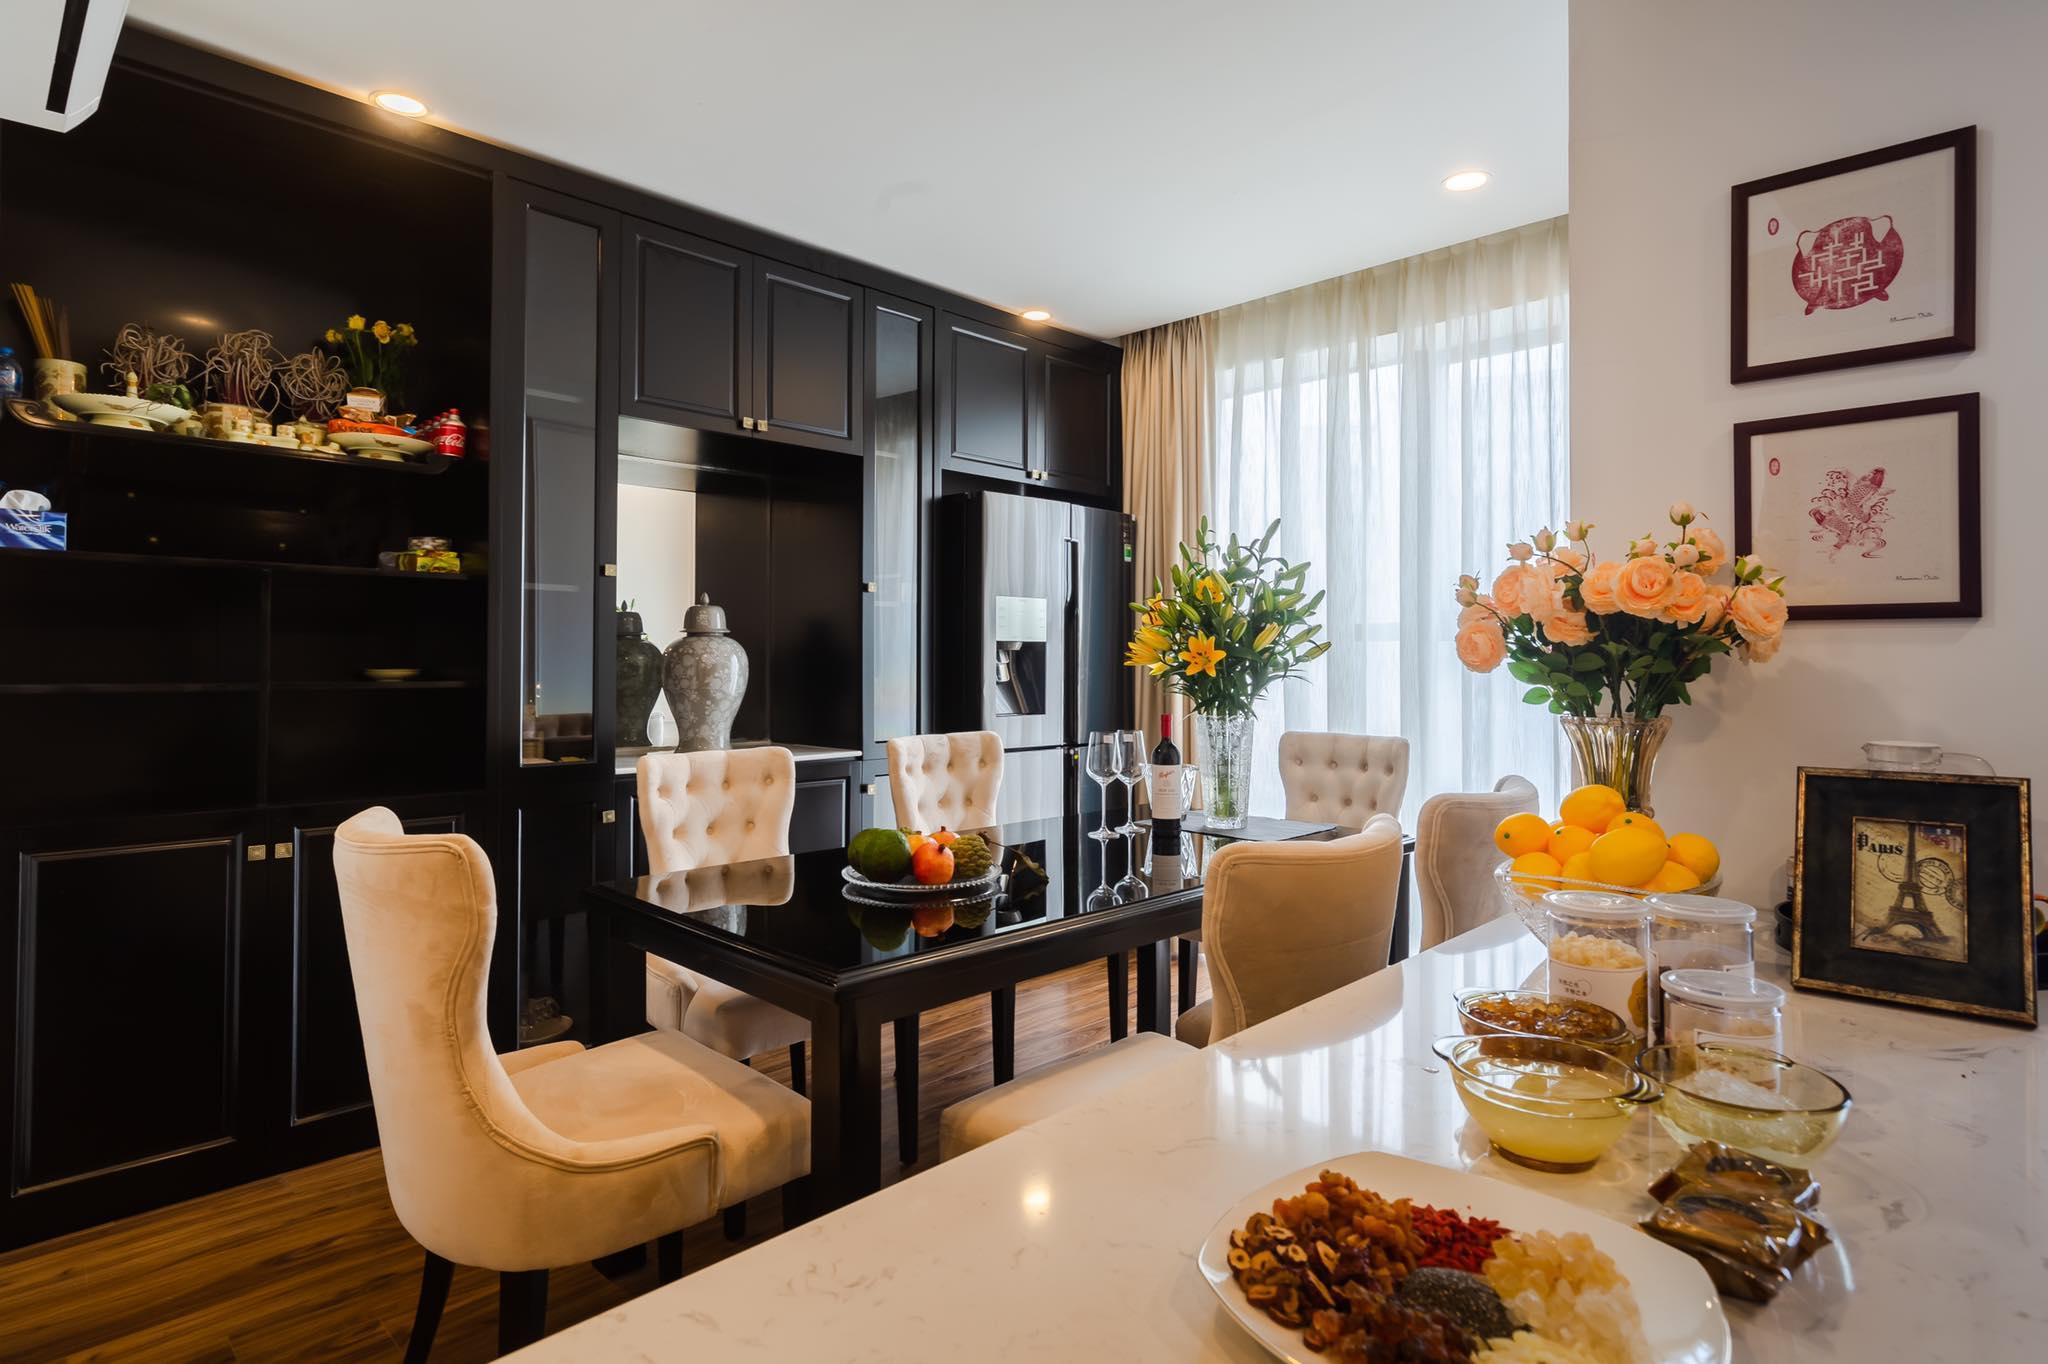 Không gian với màu be và màu đen đủ tạo điểm nhấn mà không gây rối. Ảnh: FHouse interior.